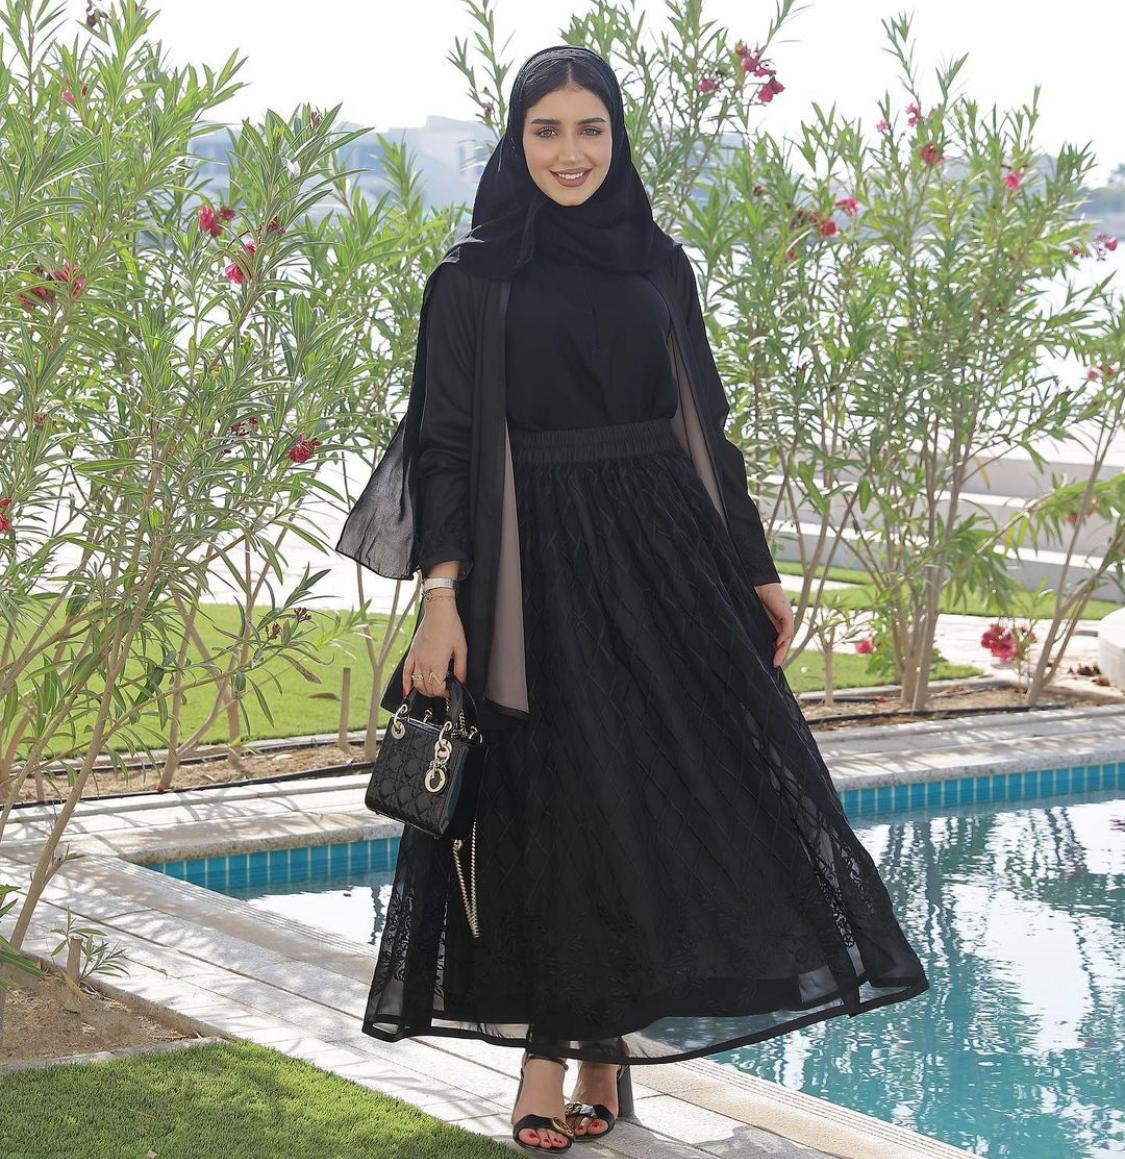 الاعلامية البحرينية خولة المراغي بعباية من تصميم علامة زاهي العود -الصورة من الانستغرام